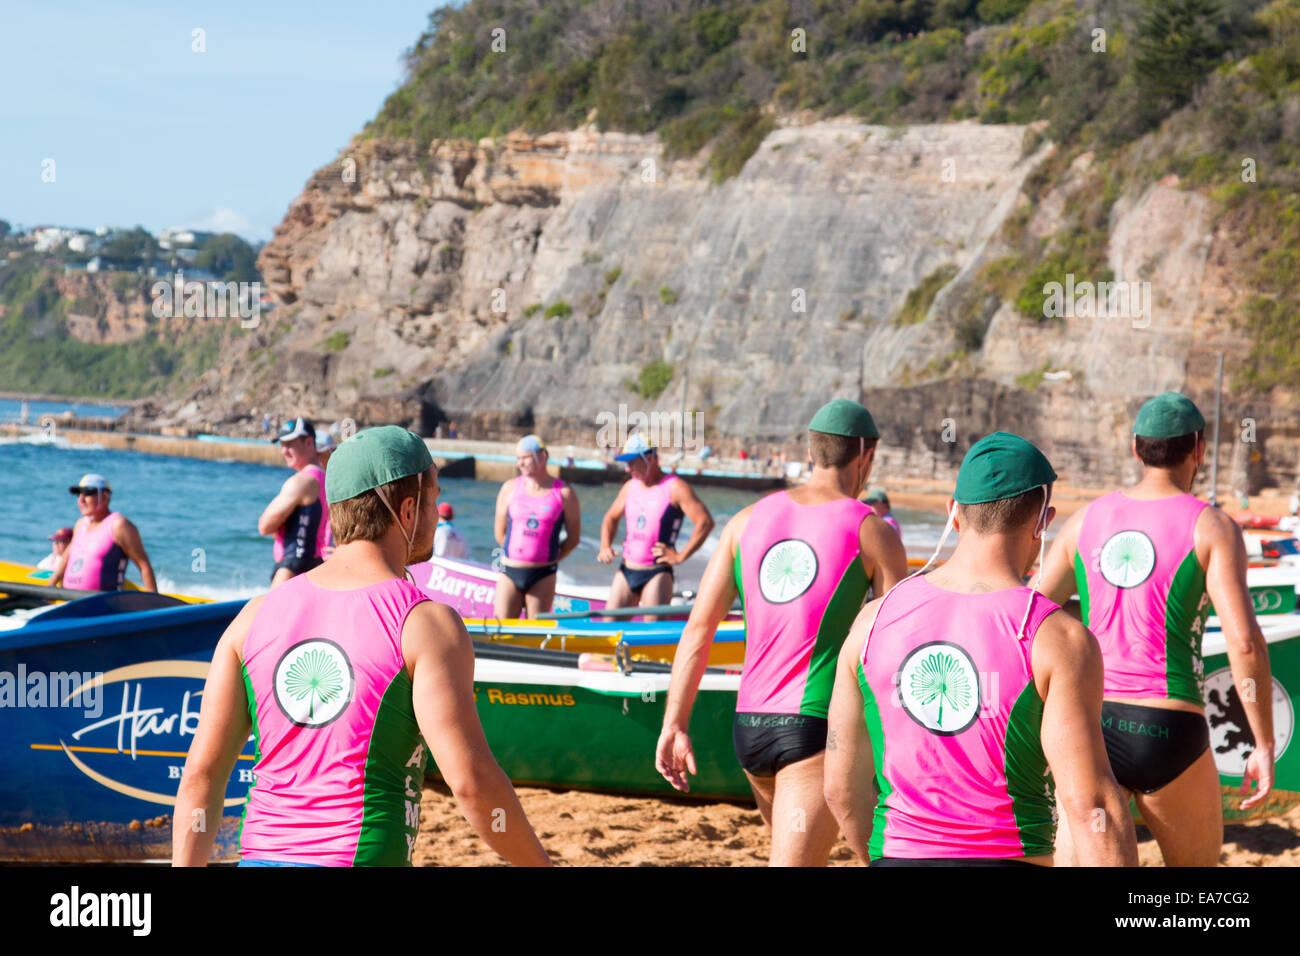 Sydney, Australien. 8. November 2014. Sommer-Classics Renn-Wettbewerb unter Surfclubs befindet sich auf Sydneys Stockbild